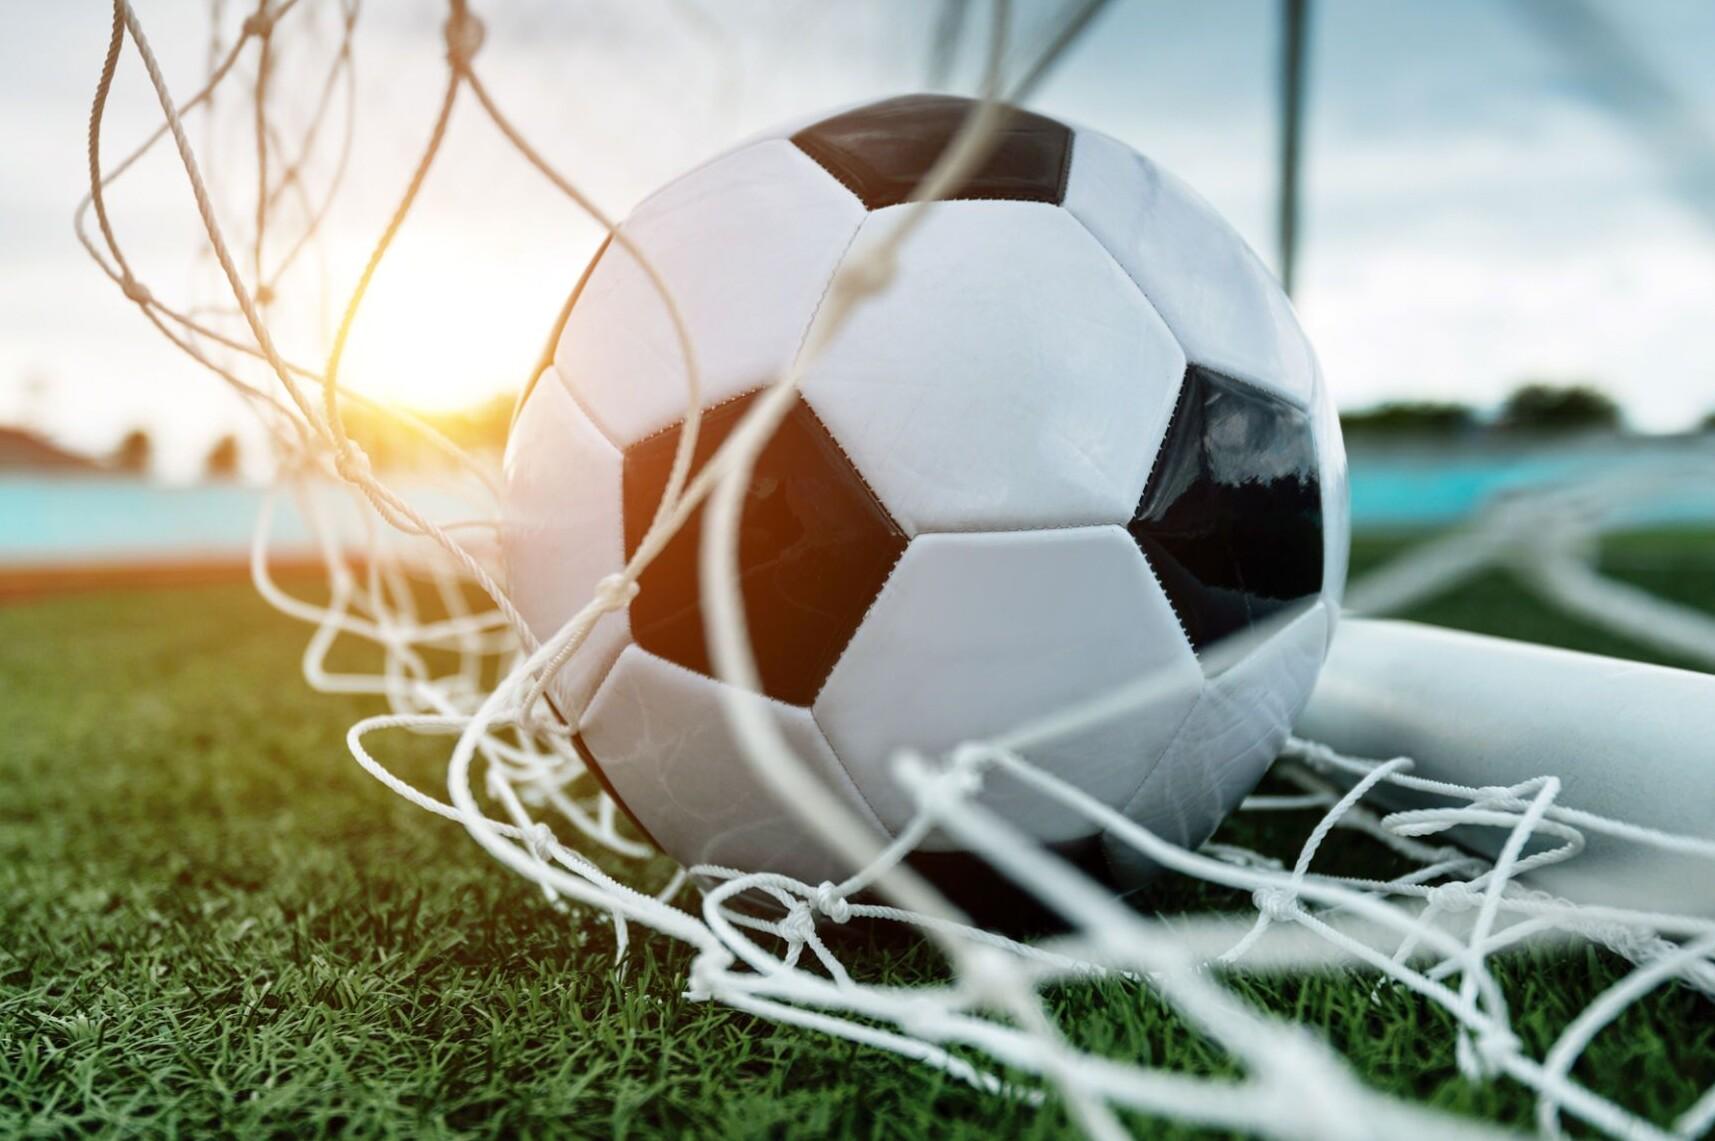 Goal-Soccer